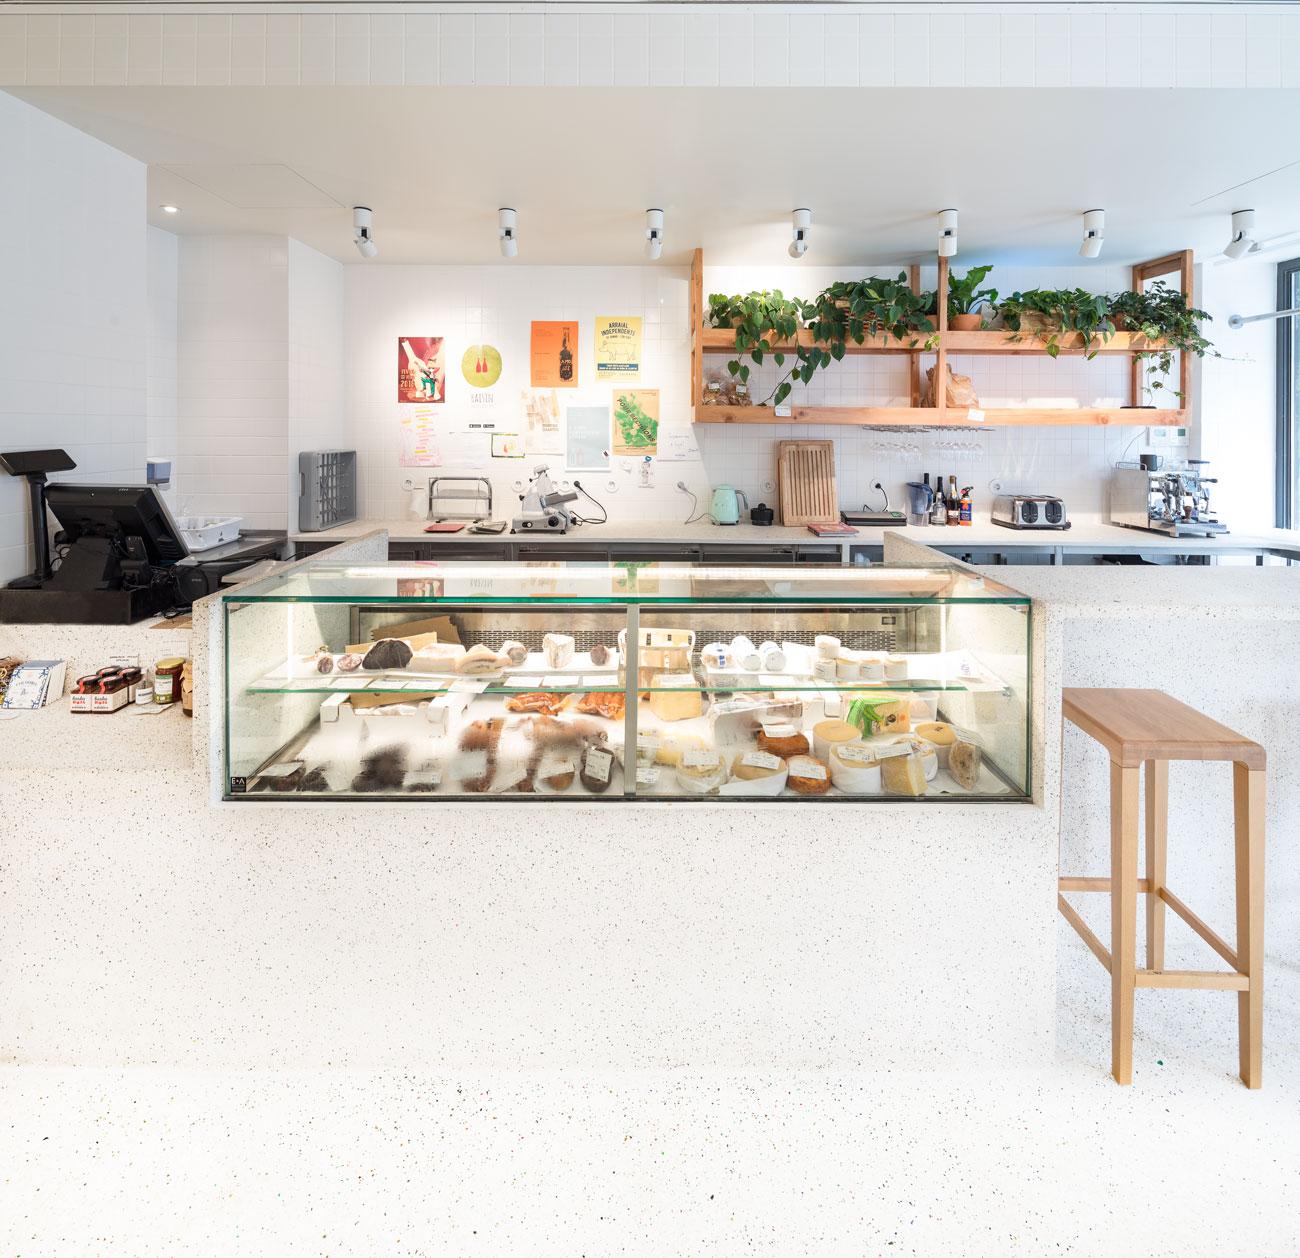 dc ad comida independente architecture 04